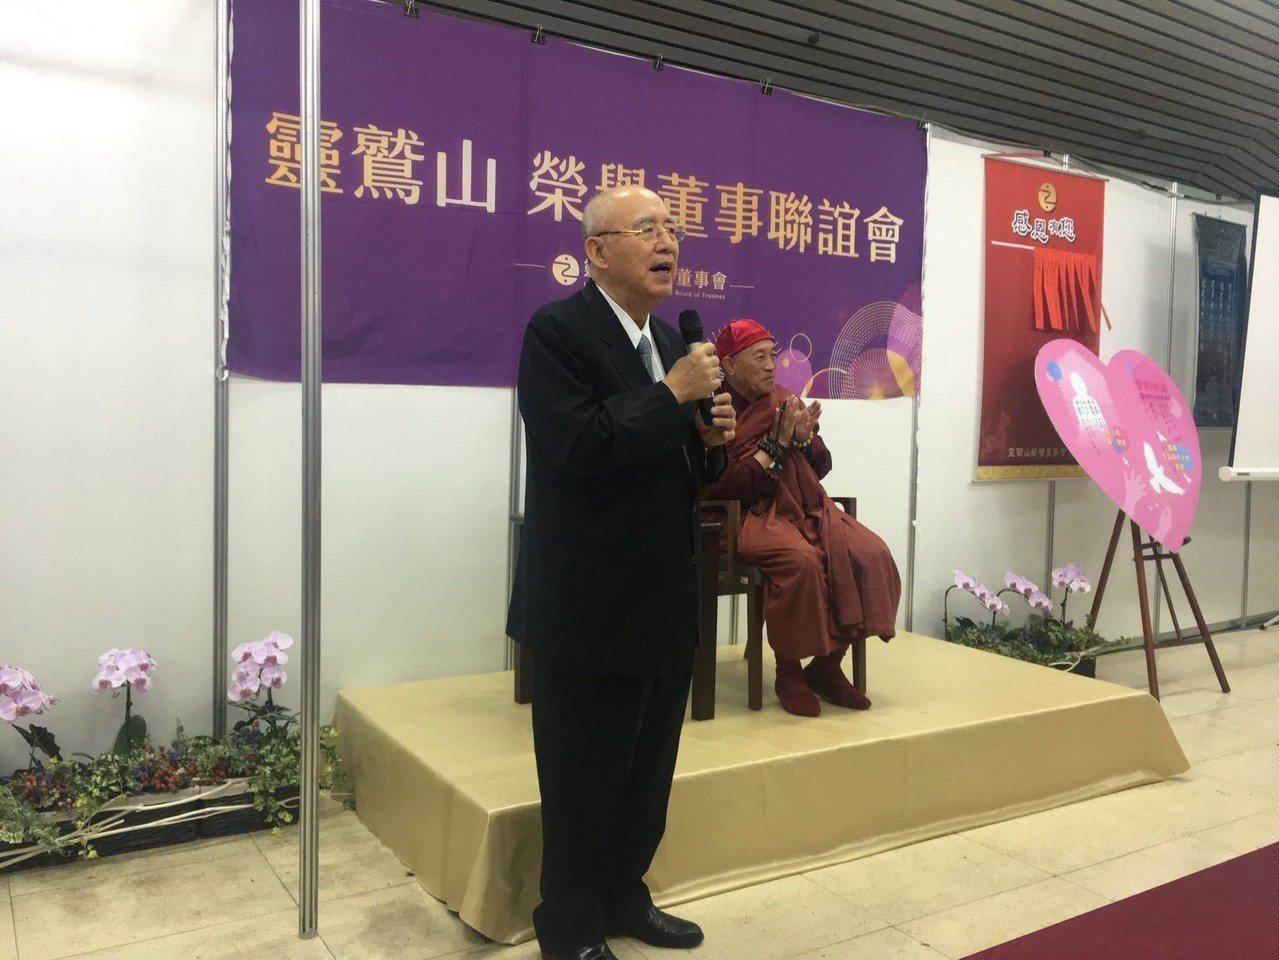 國民黨榮譽主席吳伯雄希望台灣政局不要再有紛擾。圖/靈鷲山佛教教團提供